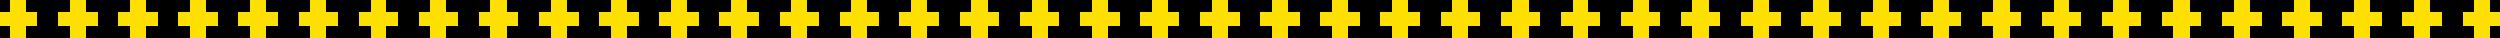 MATM_web-elements-1.png